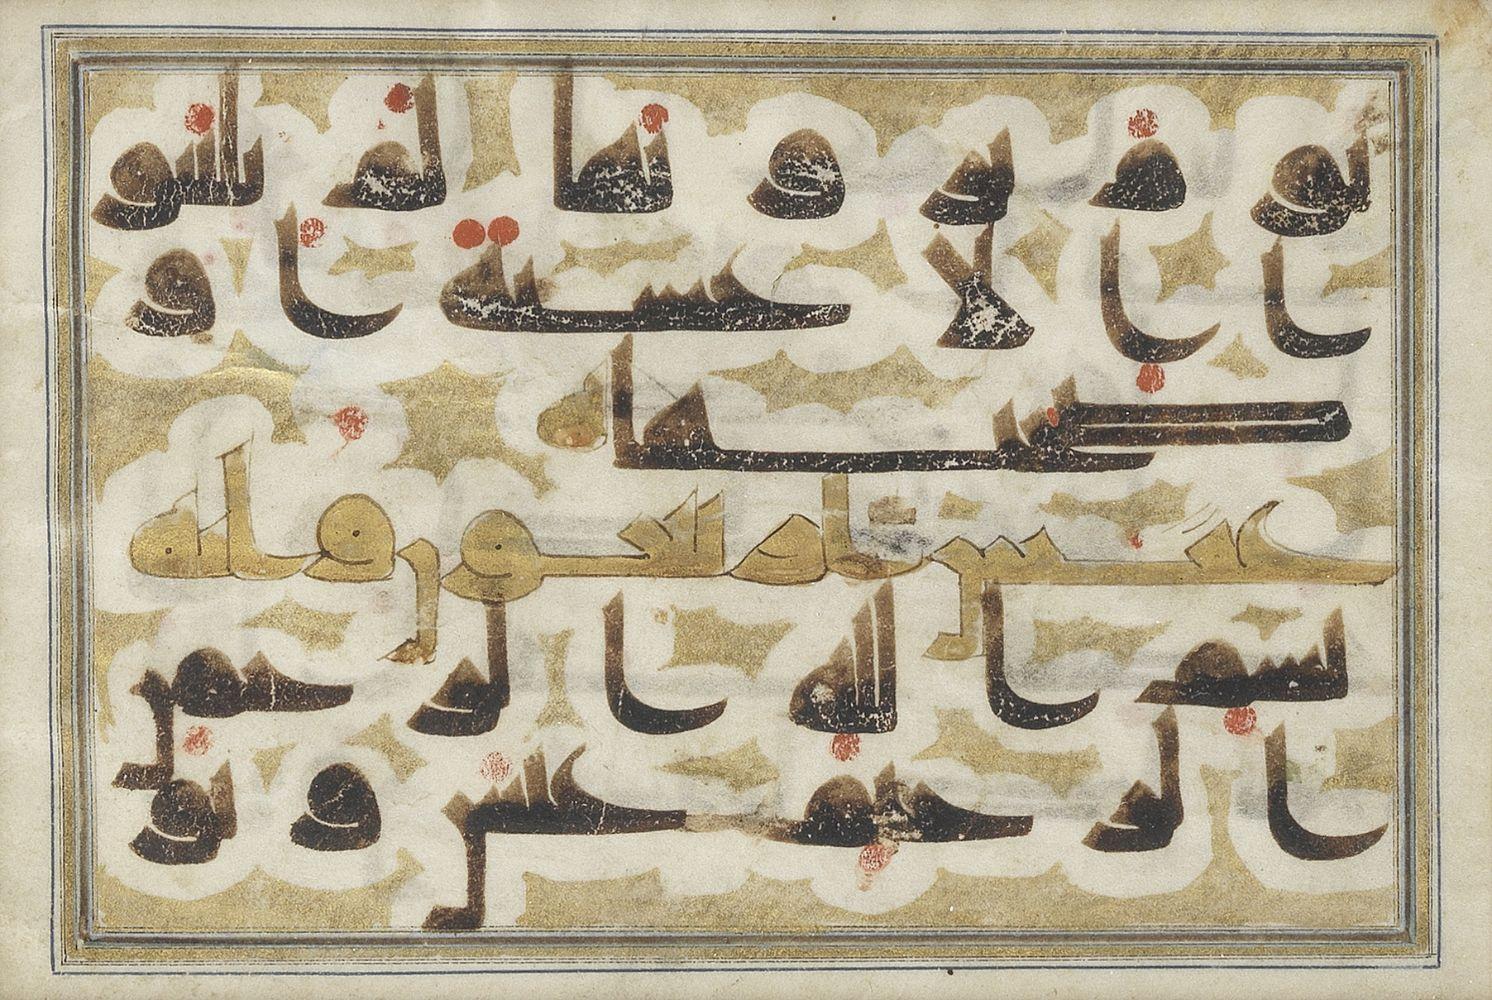 Islamic and Indian Art - Bonhams